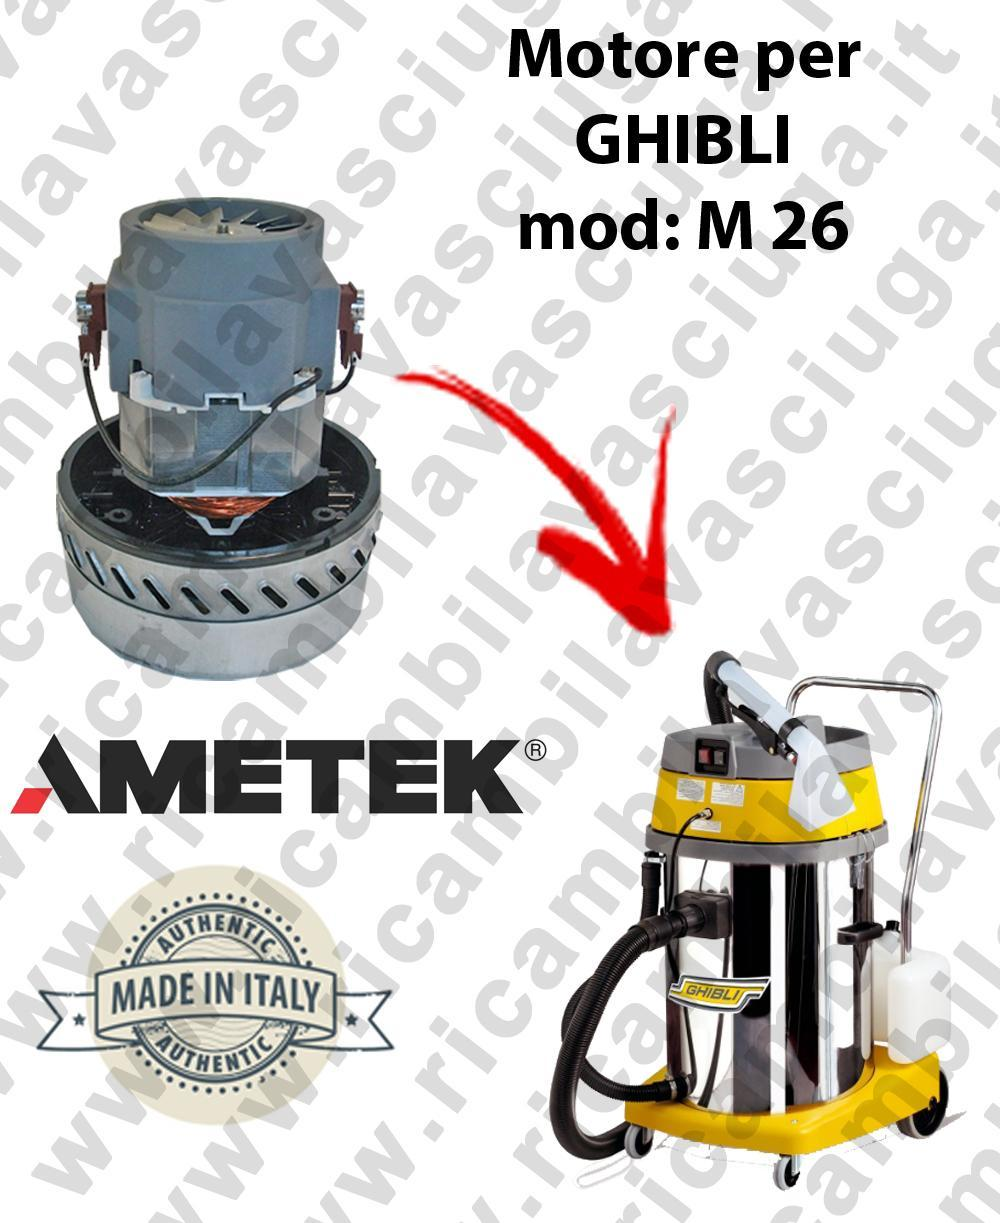 M 26 MOTEUR ASPIRATION pour machine d'extracteur moquette GHIBLI